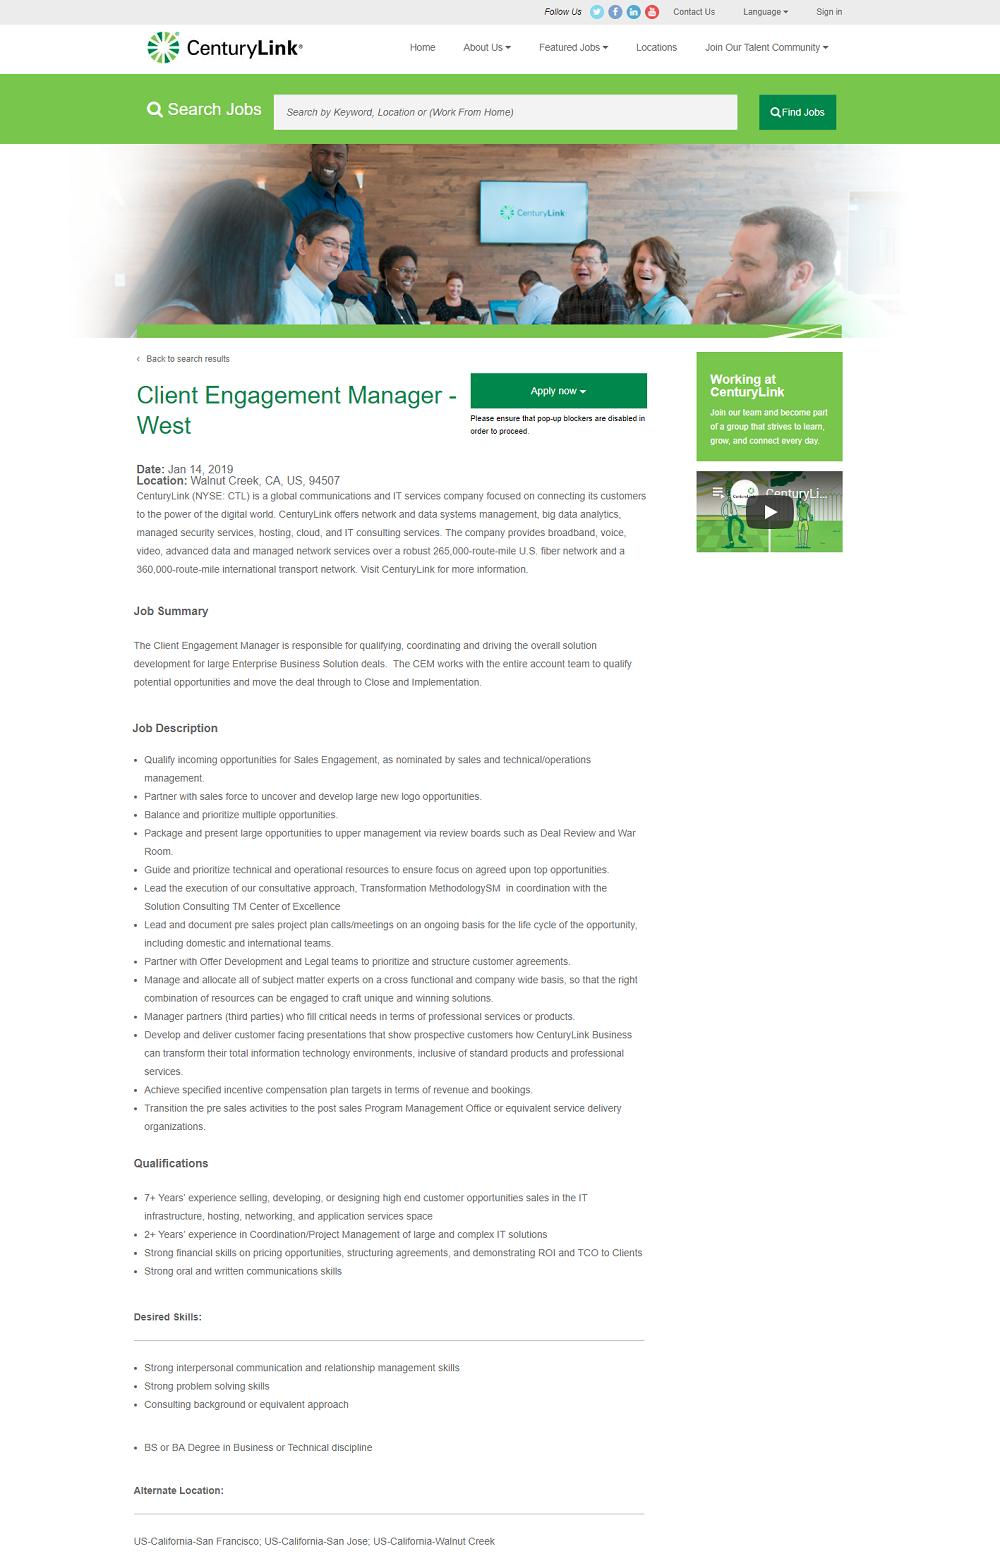 CenturyLink Job Page Overlay